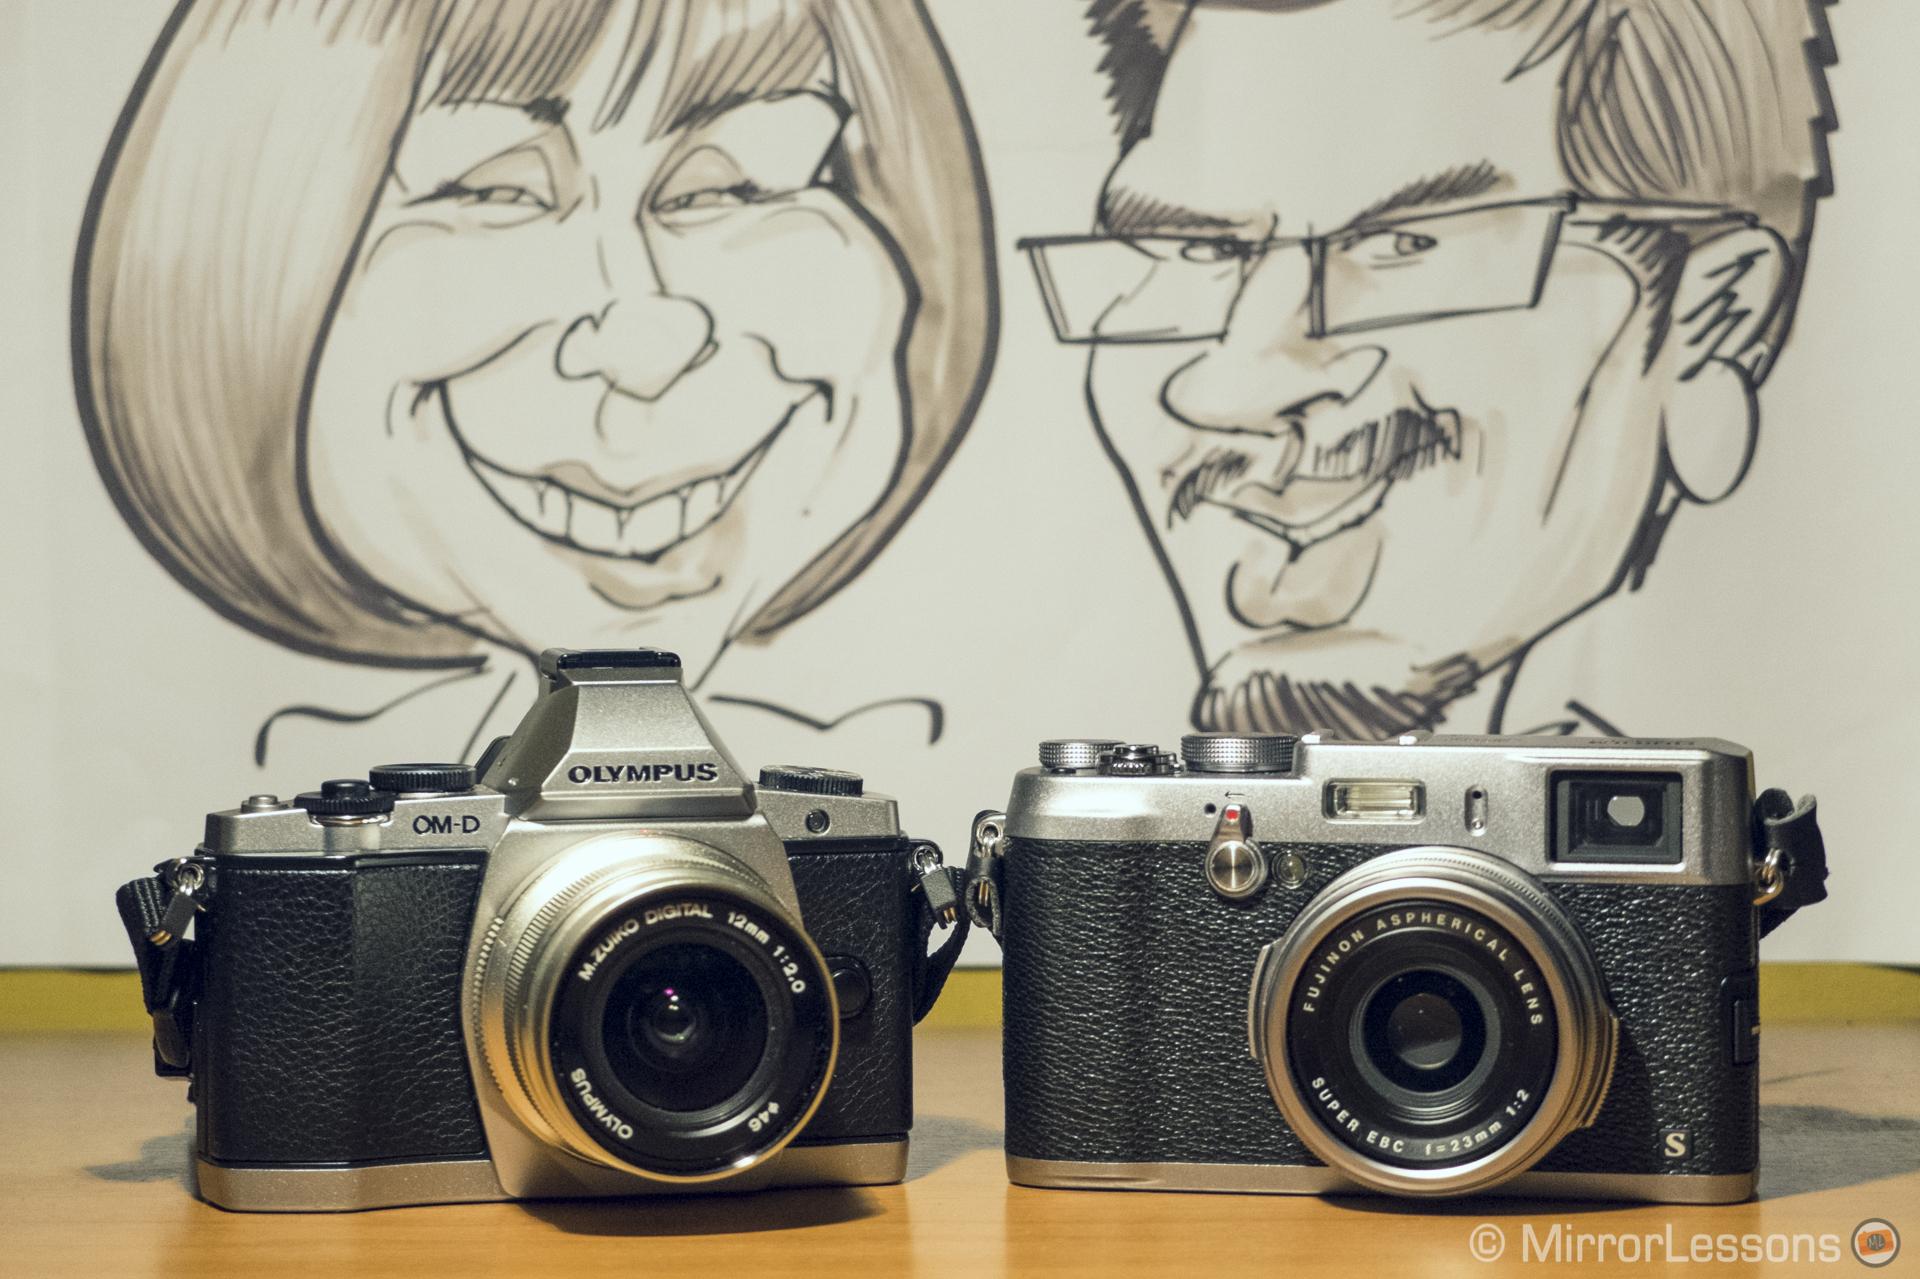 Olympus OM-D E-M5 vs Fujifilm X100s: so similar yet so